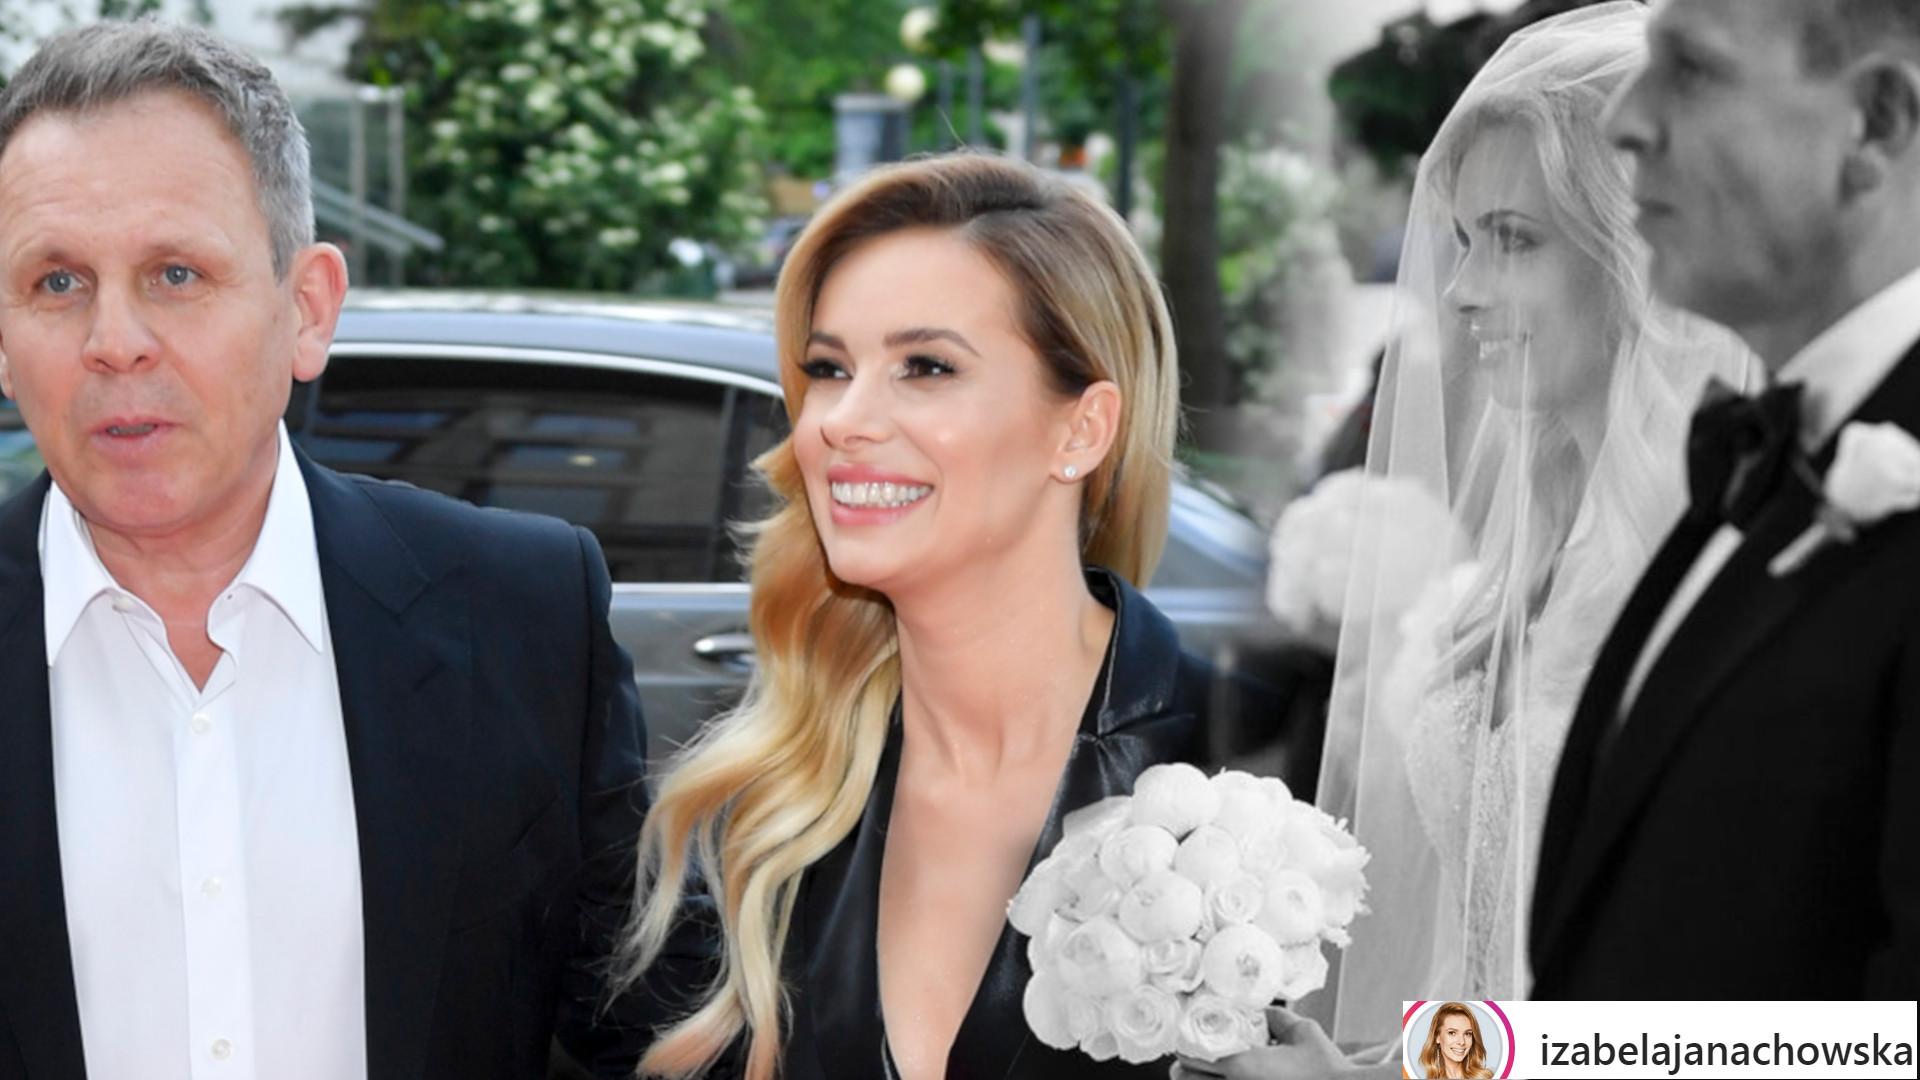 Izabela Janachowska i Krzysztof Jabłoński świętują 5. rocznicę ślubu. Gwiazda pokazała MNÓSTWO zdjęć z ceremonii